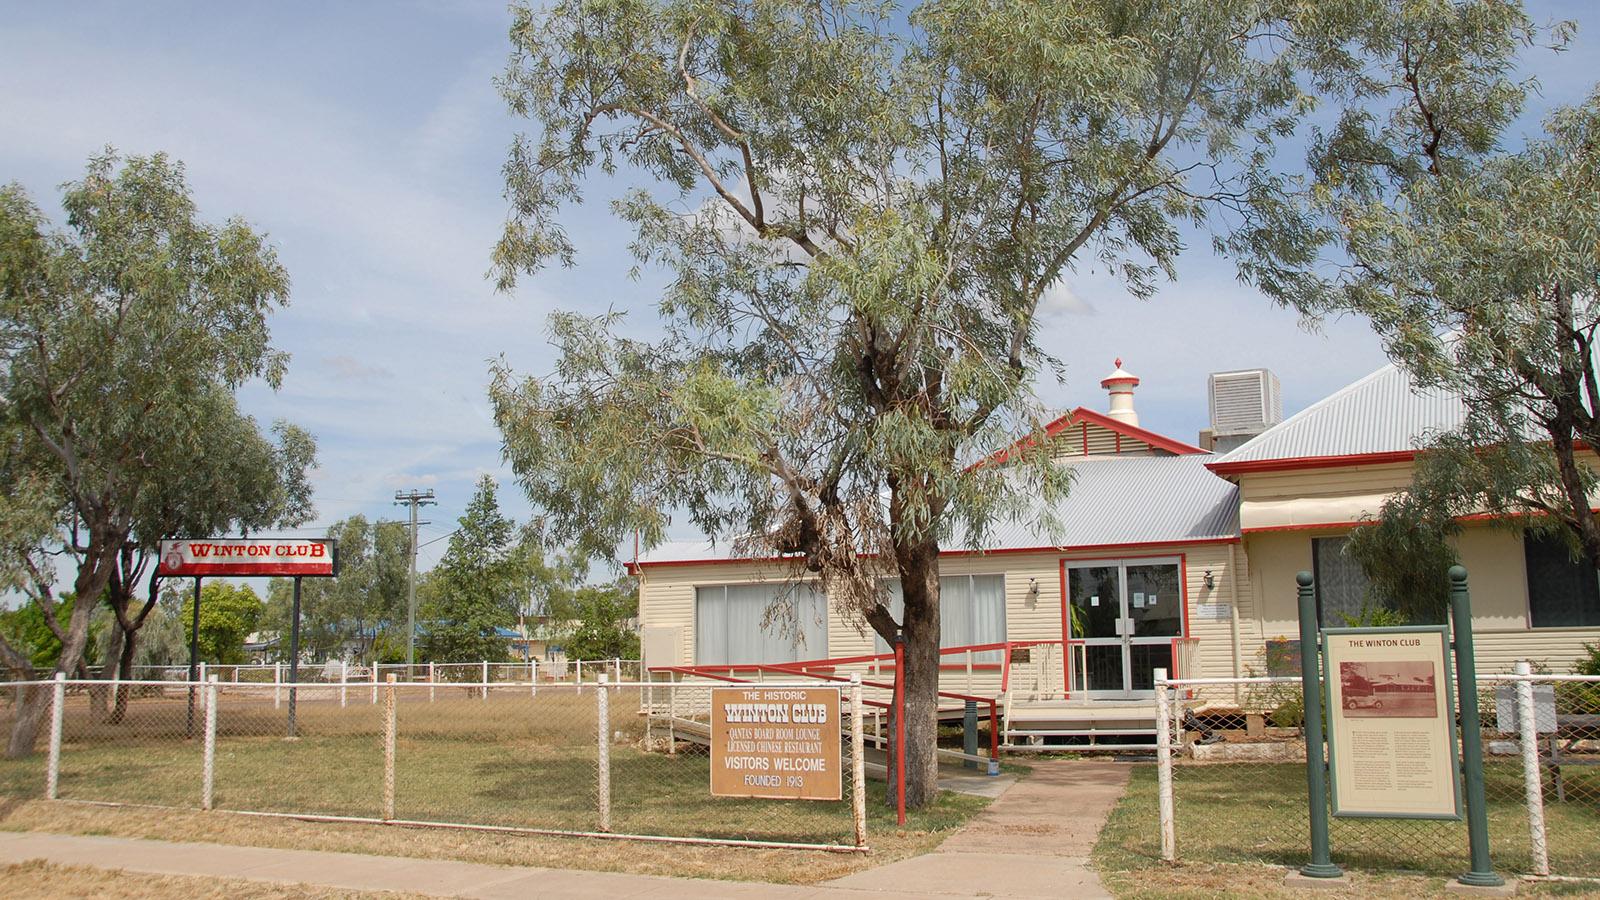 Im Winton Club wurde Qantas offiziell gegründet - hier fand die konstituierende Sitzung statt. Foto: Hilke Maunder